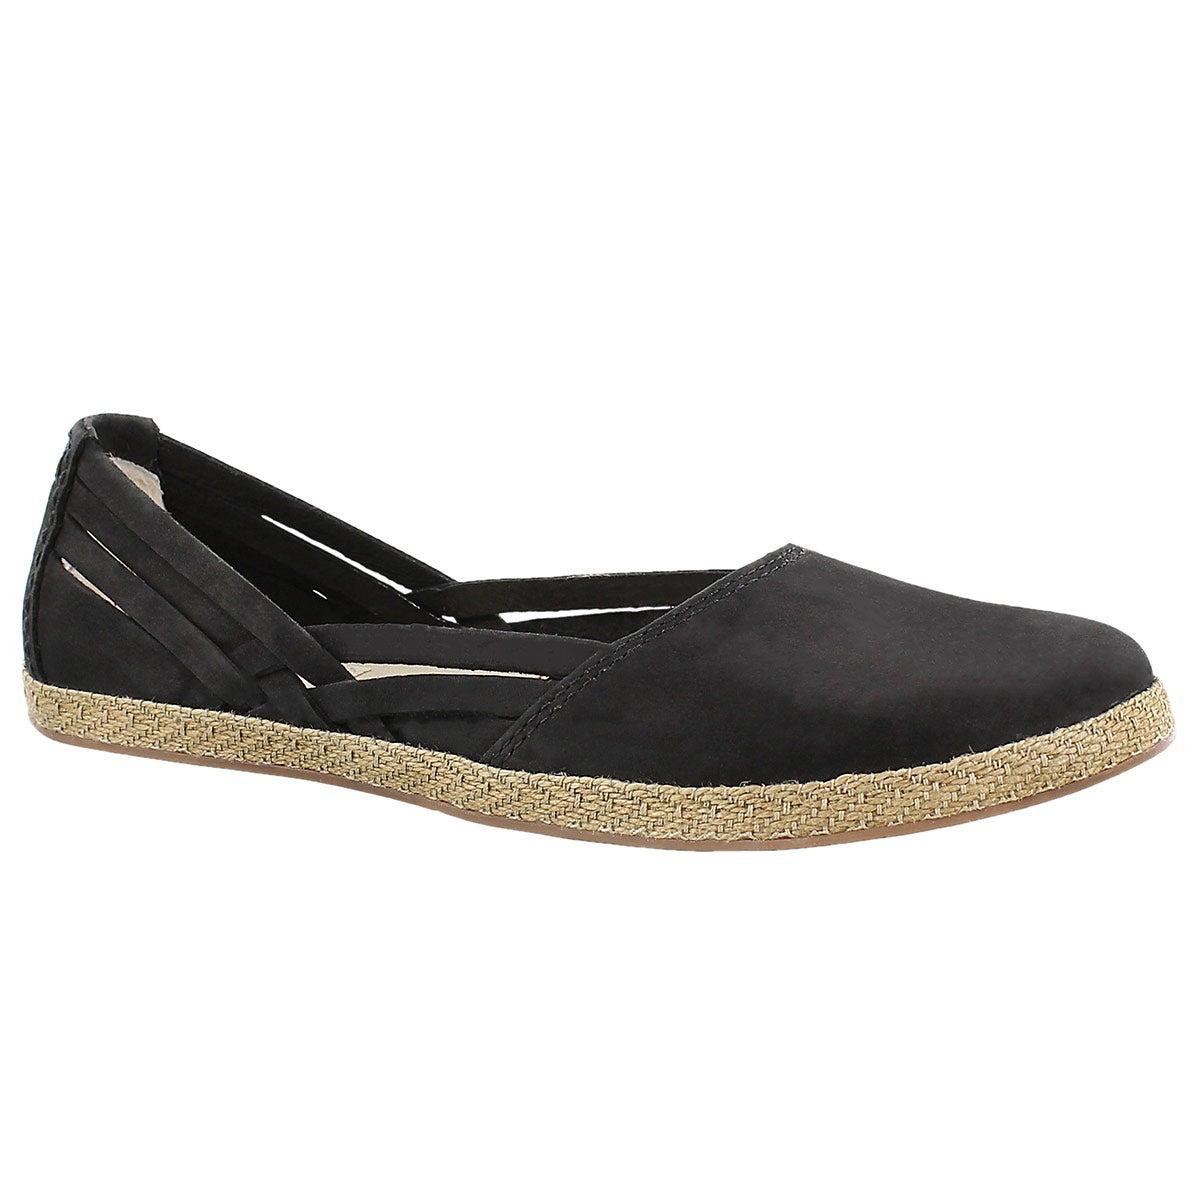 Women's TIPPIE black slip on espadrilles